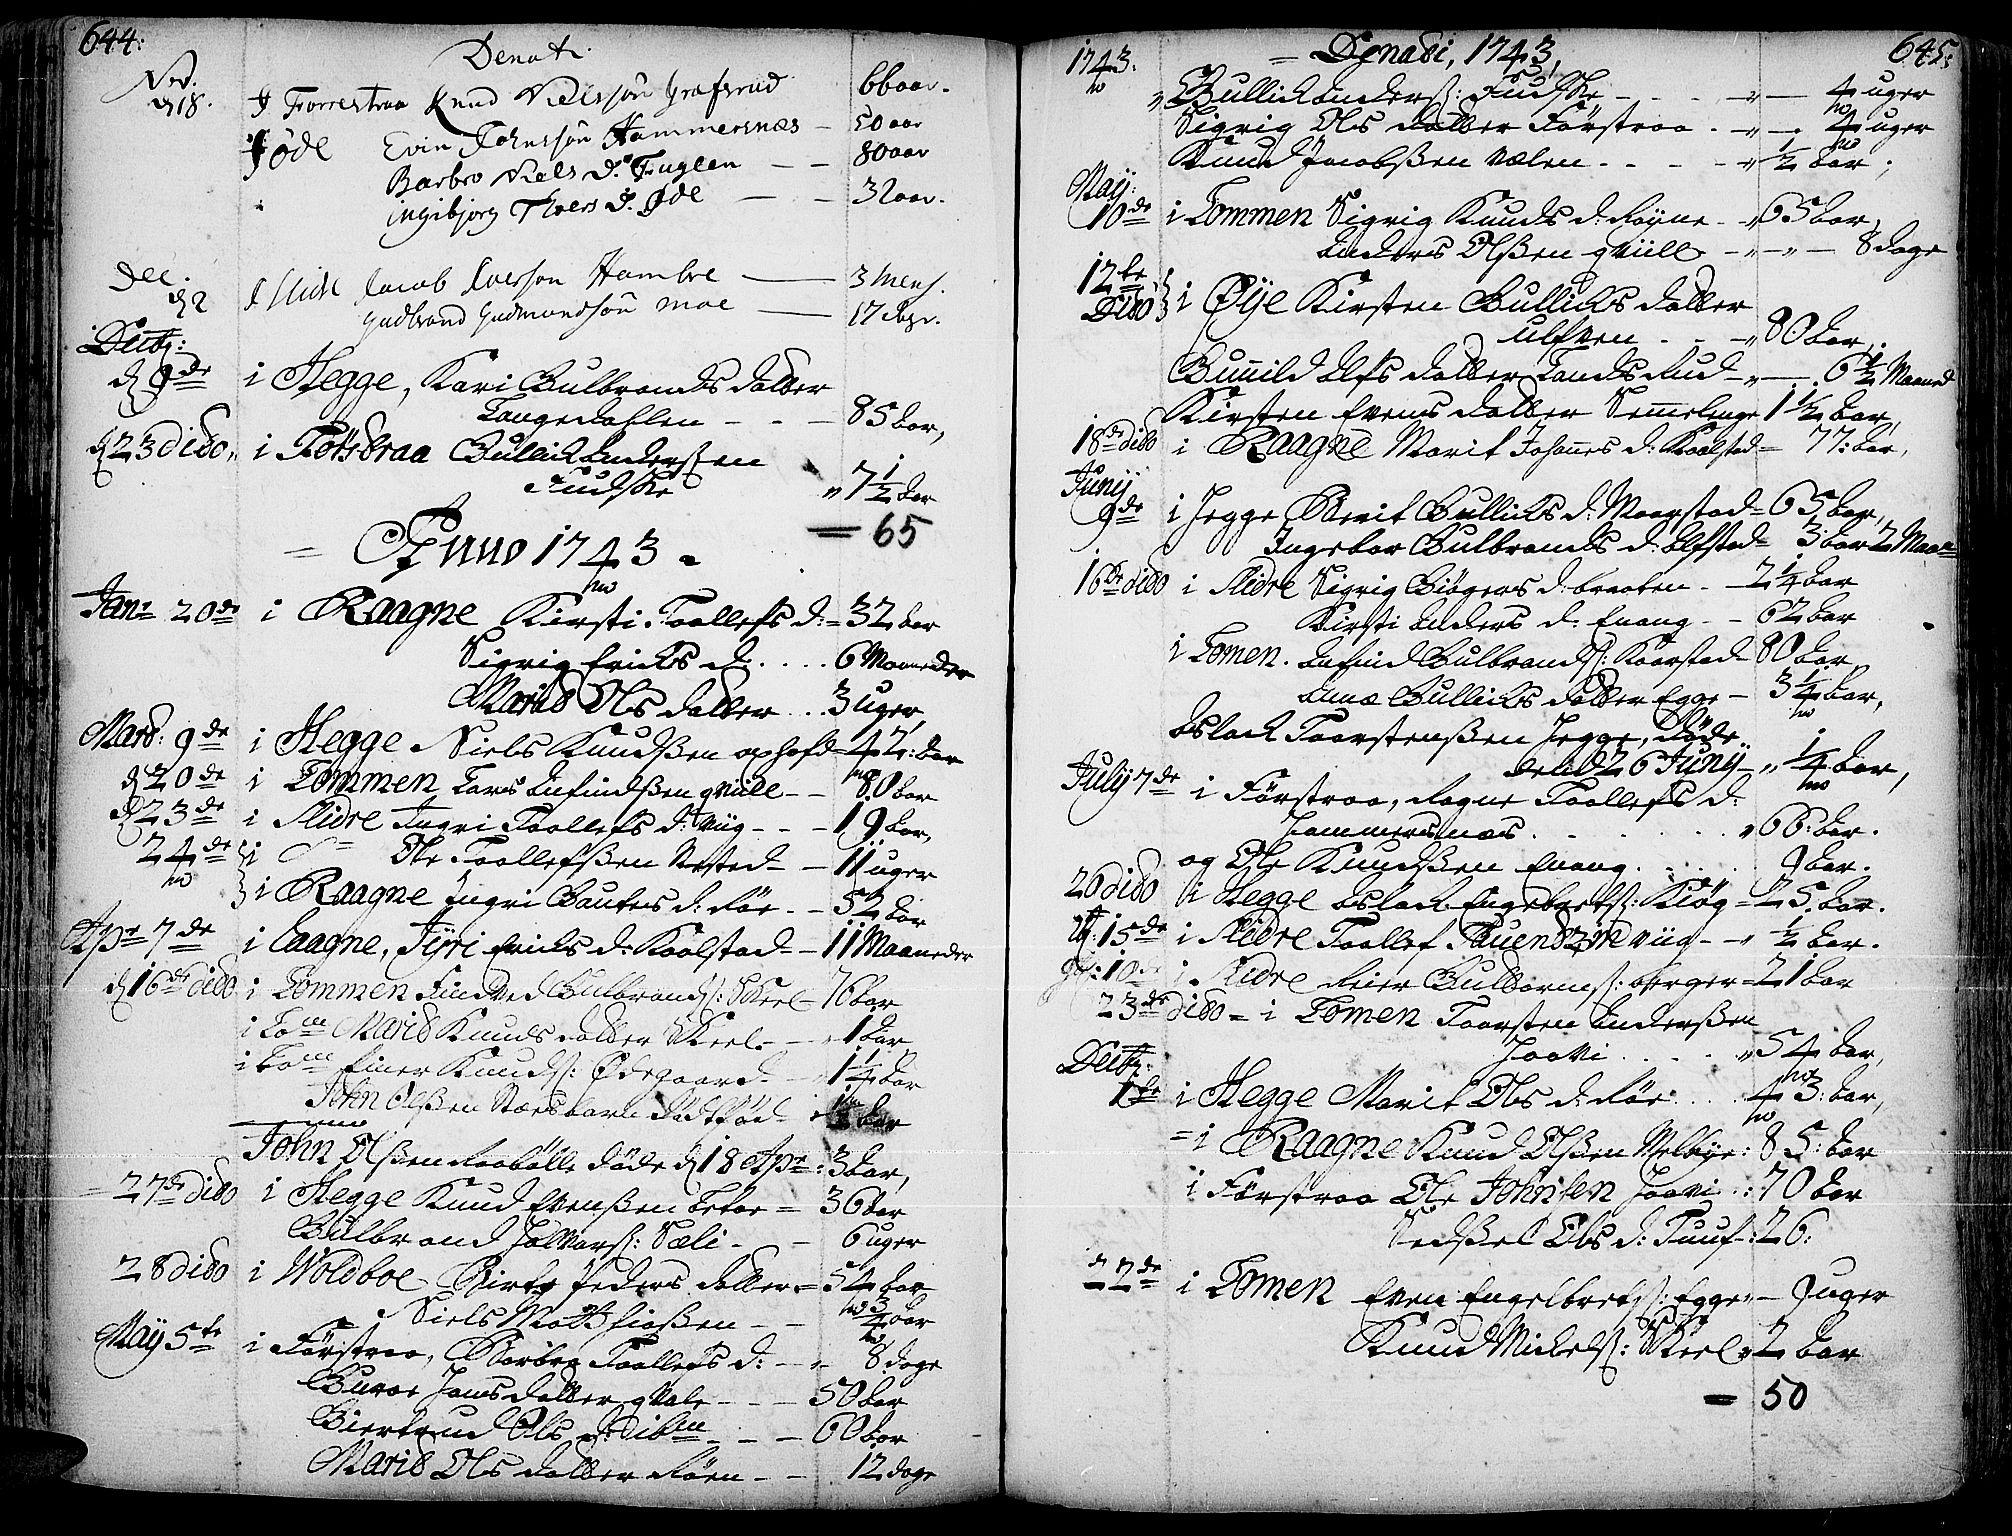 SAH, Slidre prestekontor, Ministerialbok nr. 1, 1724-1814, s. 644-645